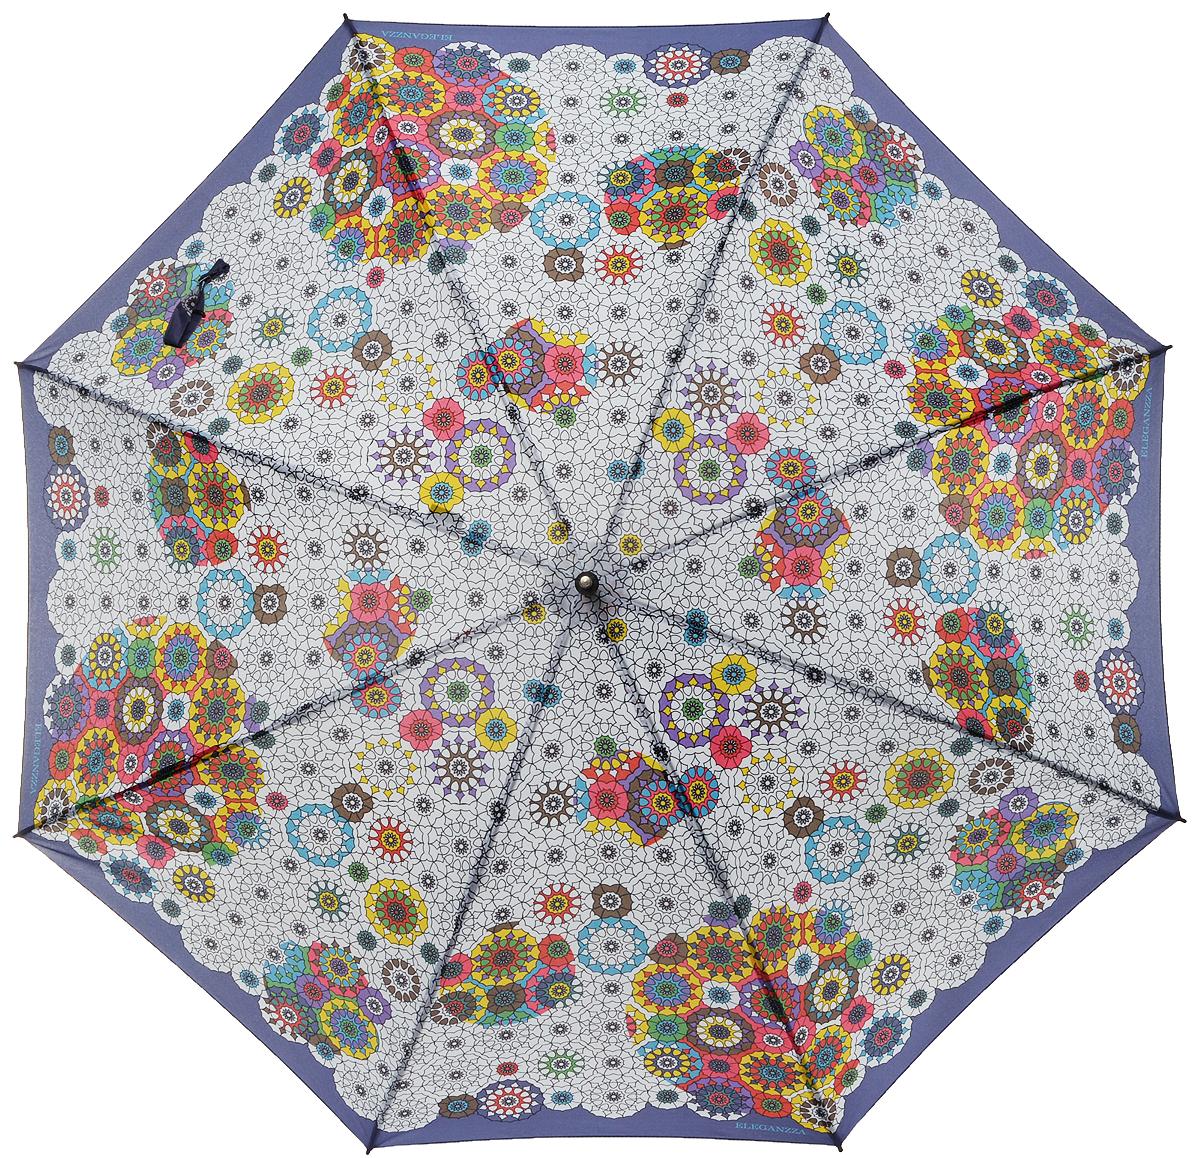 Зонт-трость женский Eleganzza, полуавтомат, 3 сложения, цвет: белый, мультиколор. T-06-0306T-06-0306Элегантный женский зонт-трость Eleganzza не оставит вас незамеченной. Изделие оформлено оригинальным принтом. Зонт состоит из восьми спиц и стержня, изготовленных из стали и фибергласса. Купол выполнен из качественного полиэстера и эпонжа, которые не пропускают воду. Зонт дополнен удобной ручкой из акрила, которая имеет форму крючка. Также зонт имеет заостренный наконечник, который устраняет попадание воды на стержень и уберегает зонт от повреждений. Изделие имеет полуавтоматический механизм сложения: купол открывается нажатием кнопки на ручке, а складывается вручную до характерного щелчка. Оригинальный и практичный аксессуар даже в ненастную погоду позволит вам оставаться женственной и привлекательной.